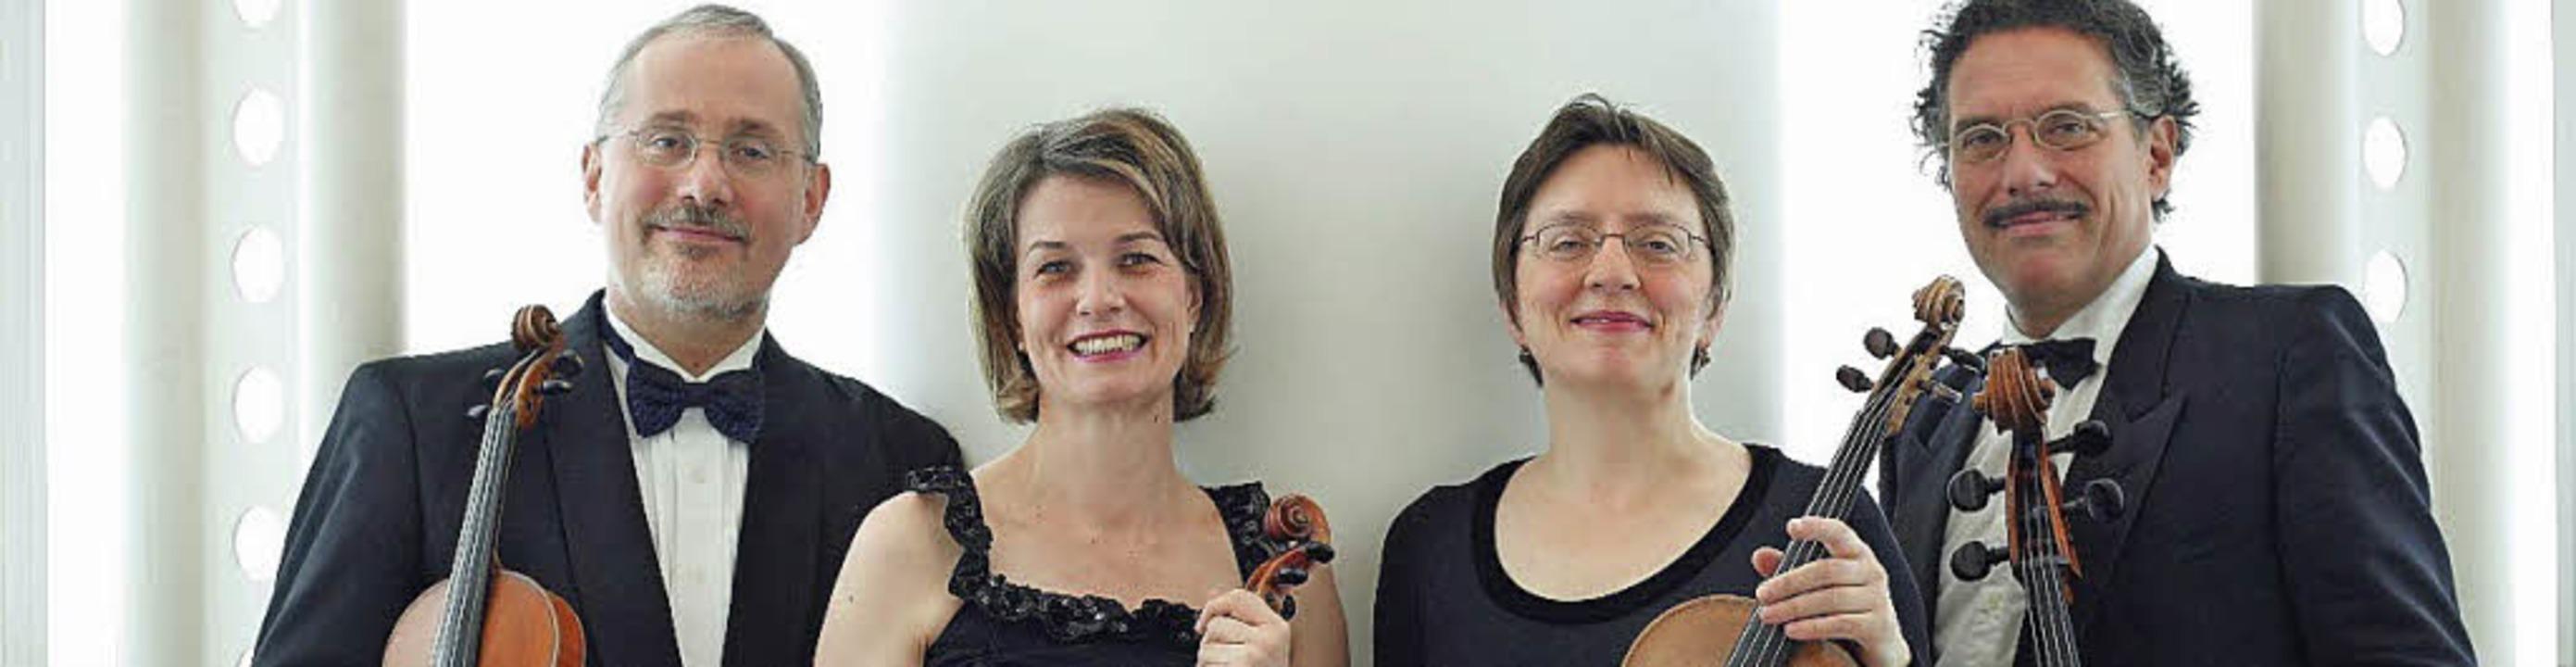 Aus der Schweiz: das Carmina-Quartett  | Foto: Denon/Anette Friedel